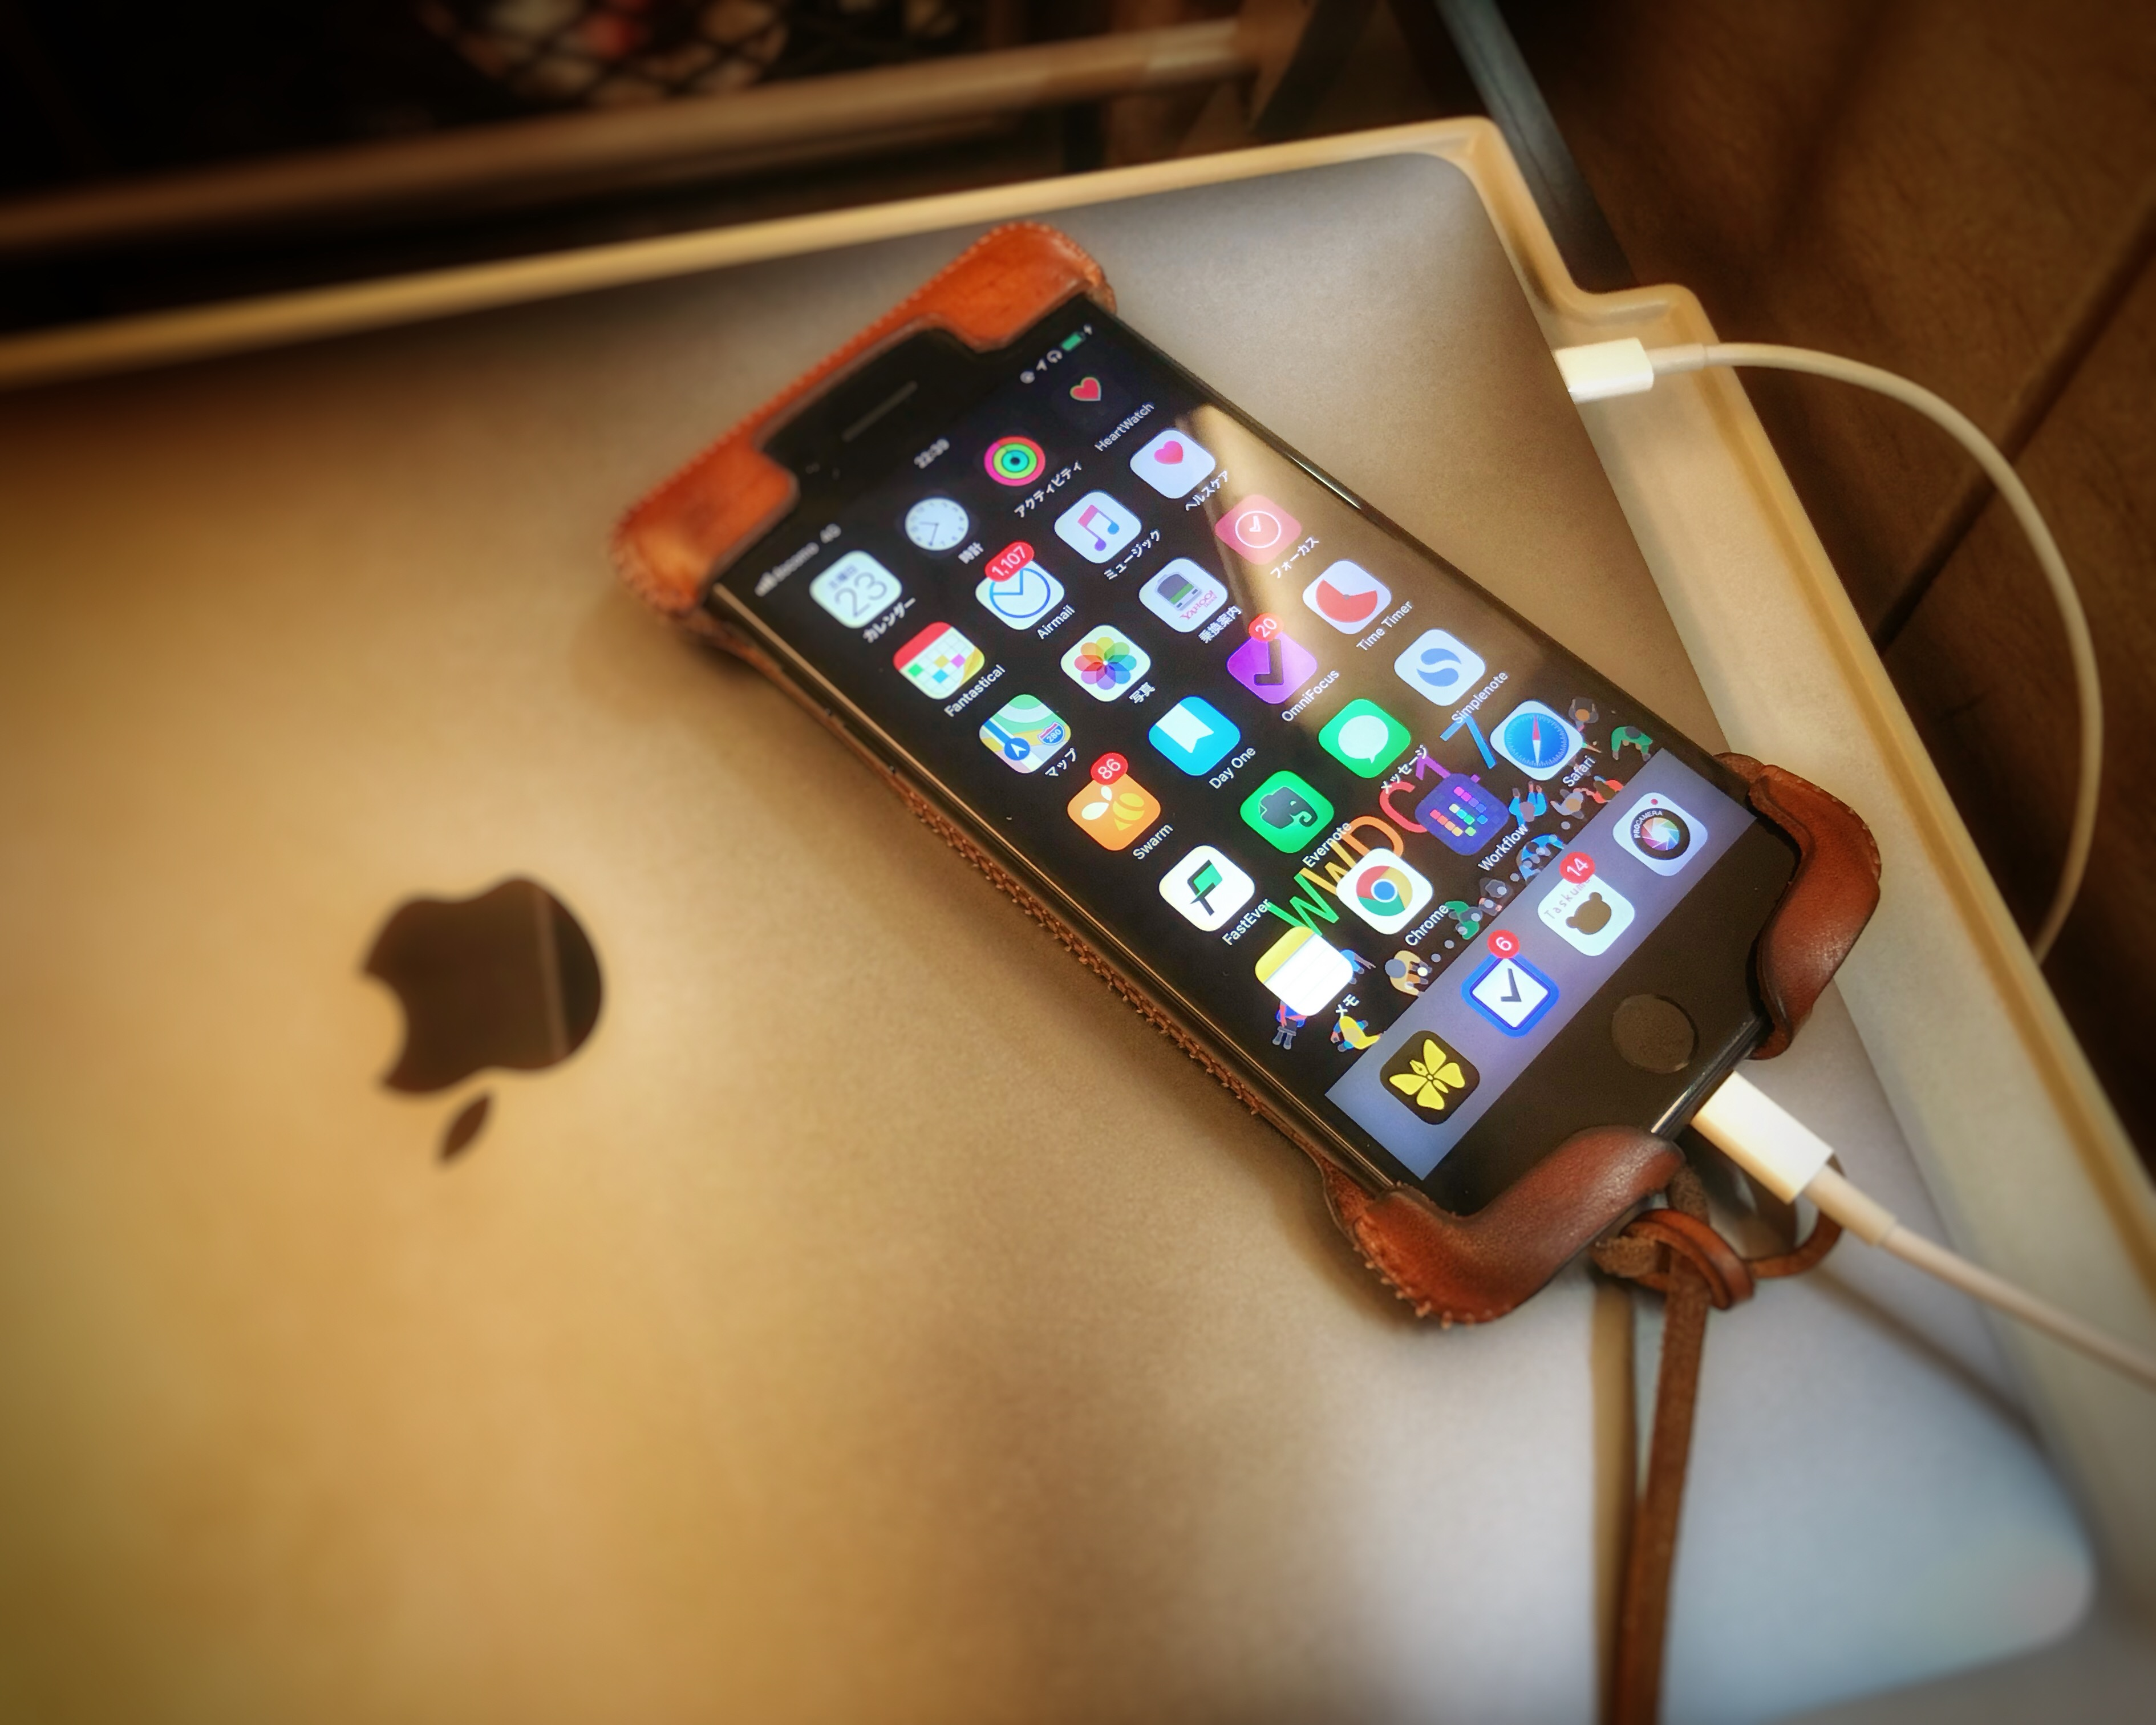 MacとiPhoneをLightningケーブルで接続している